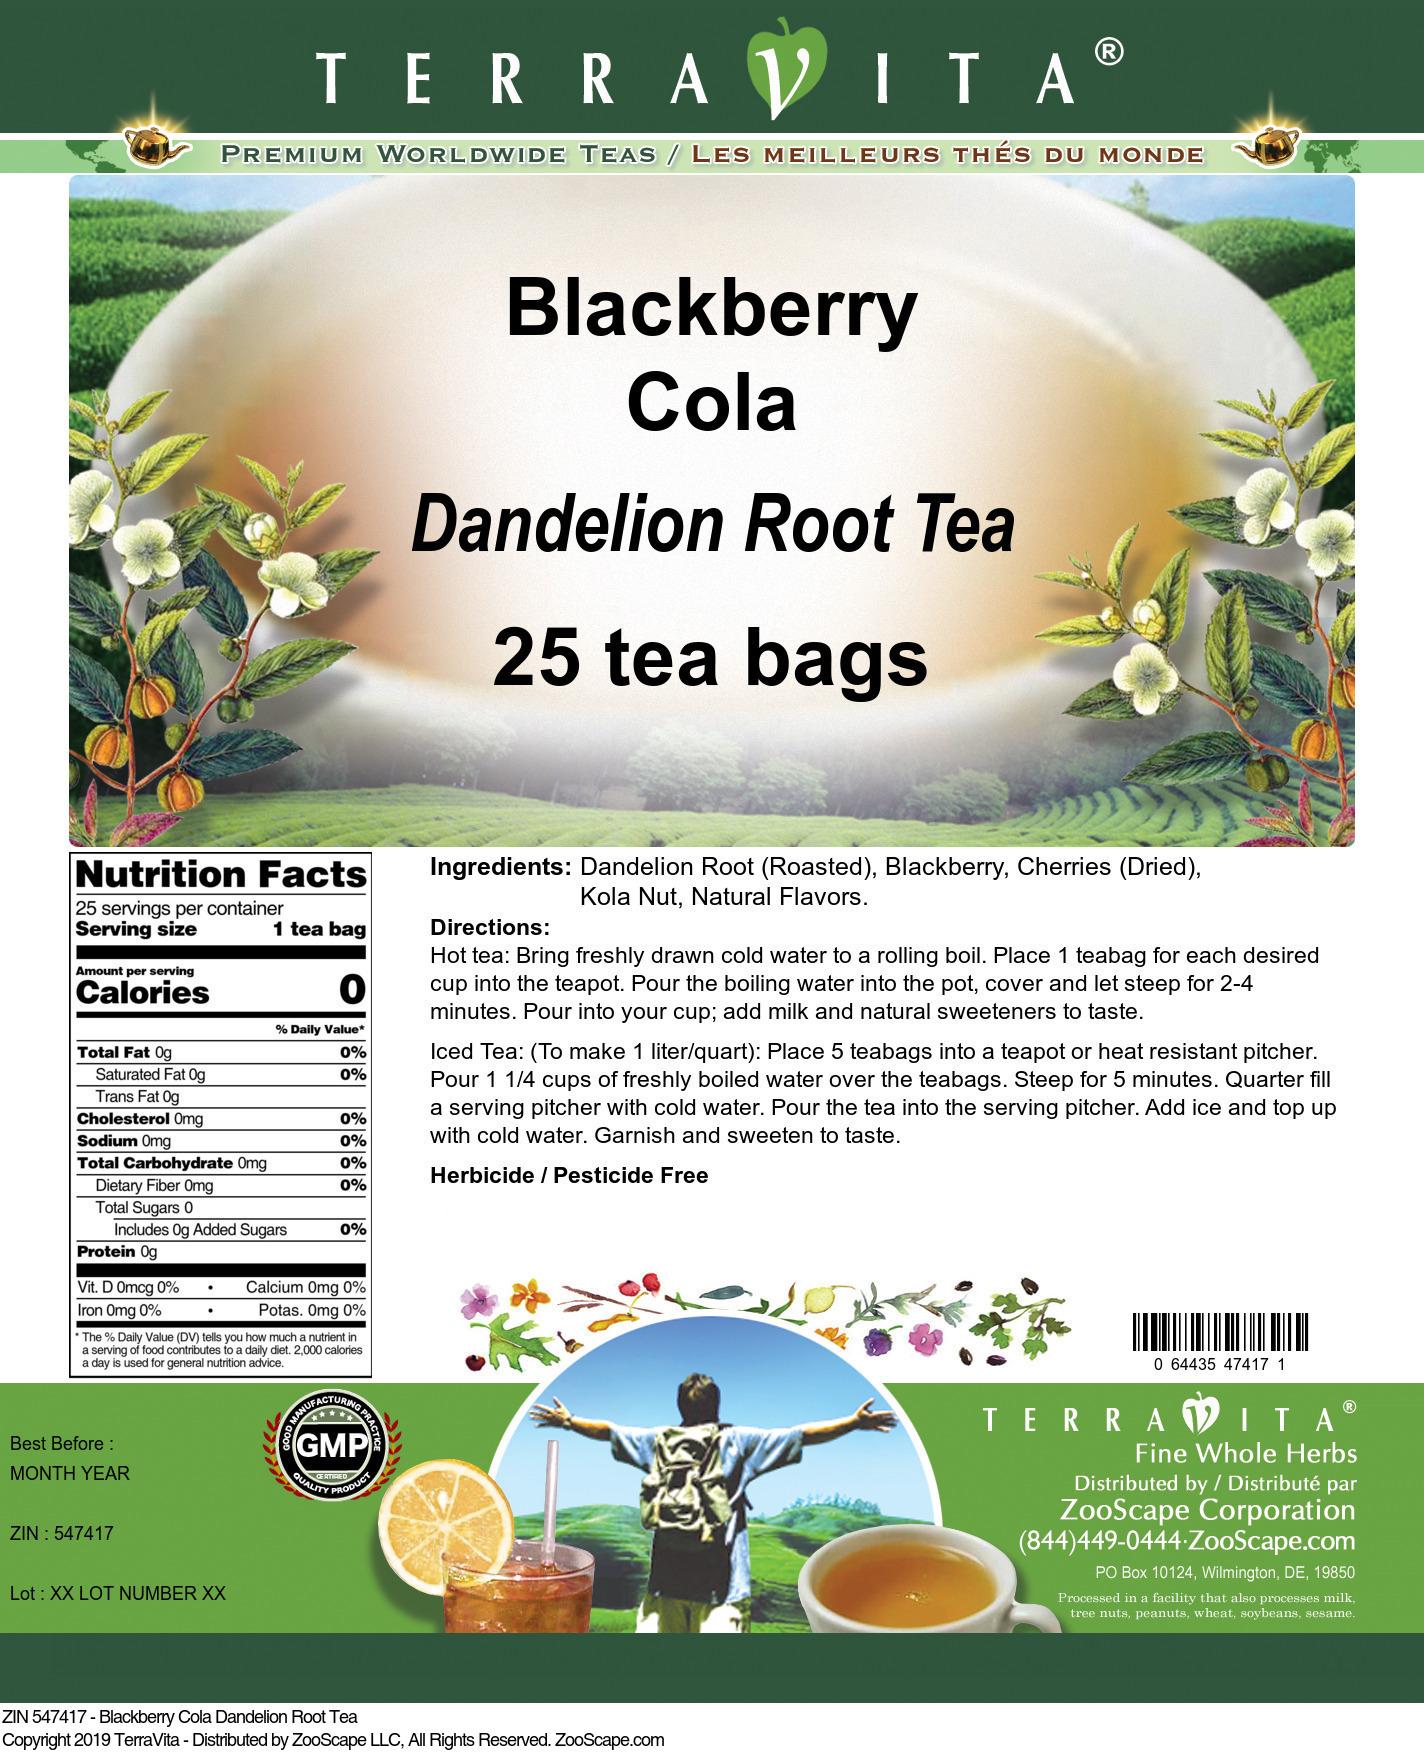 Blackberry Cola Dandelion Root Tea